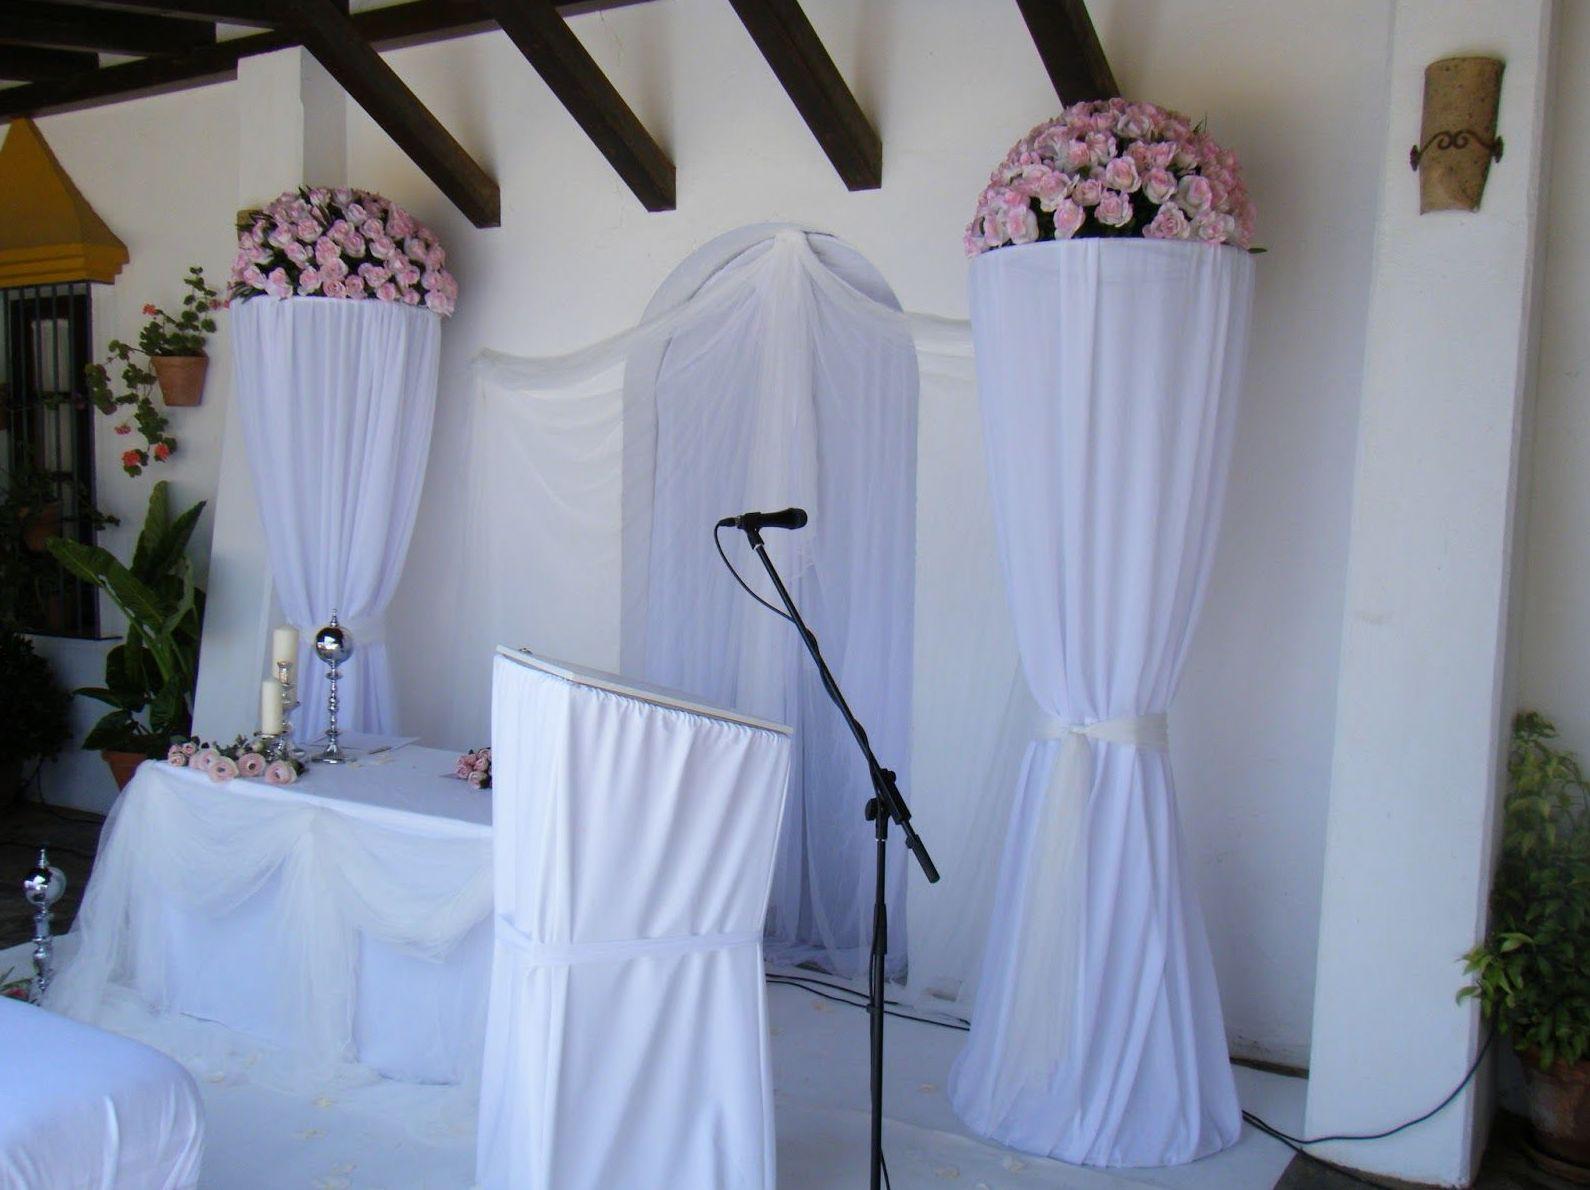 Foto 15 de Celebración de bodas en Alcalá de Guadaíra | Hacienda Mendieta